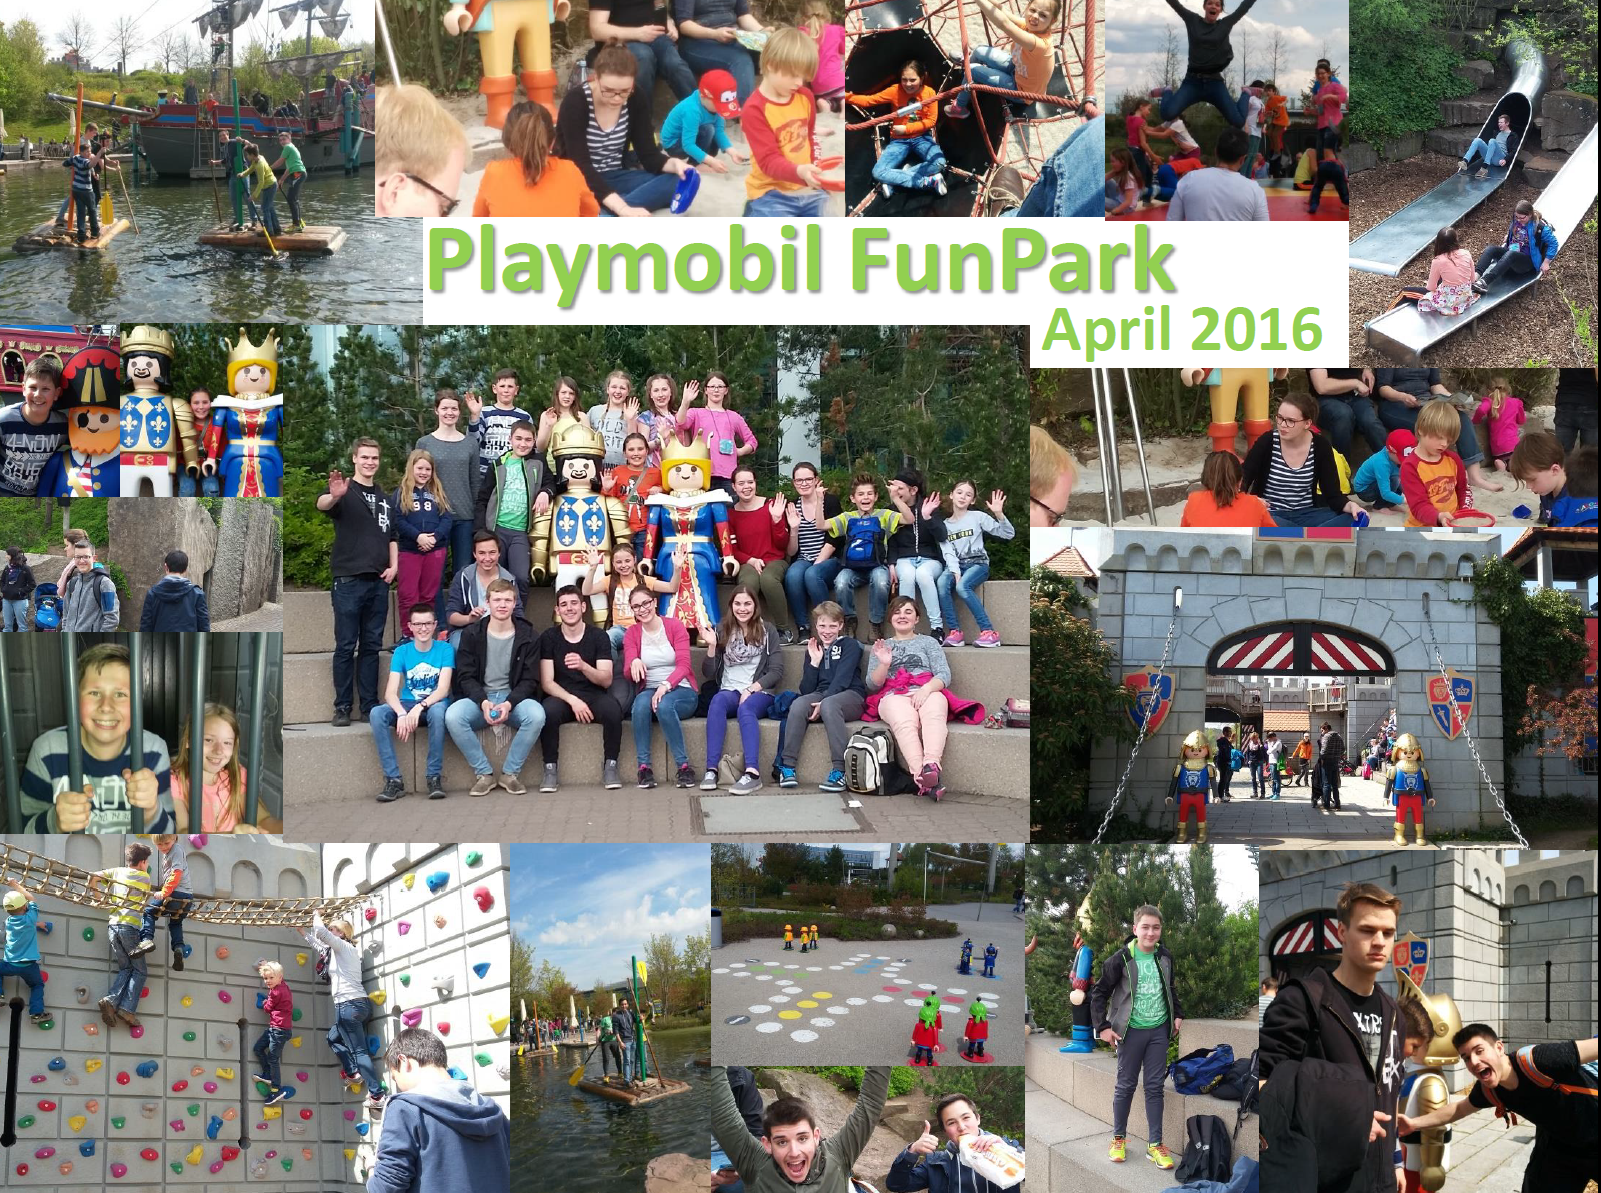 Playmobil Klettergerüst : Playmobil schaukel spielplatz klettergerüst schiffsschaukel eur